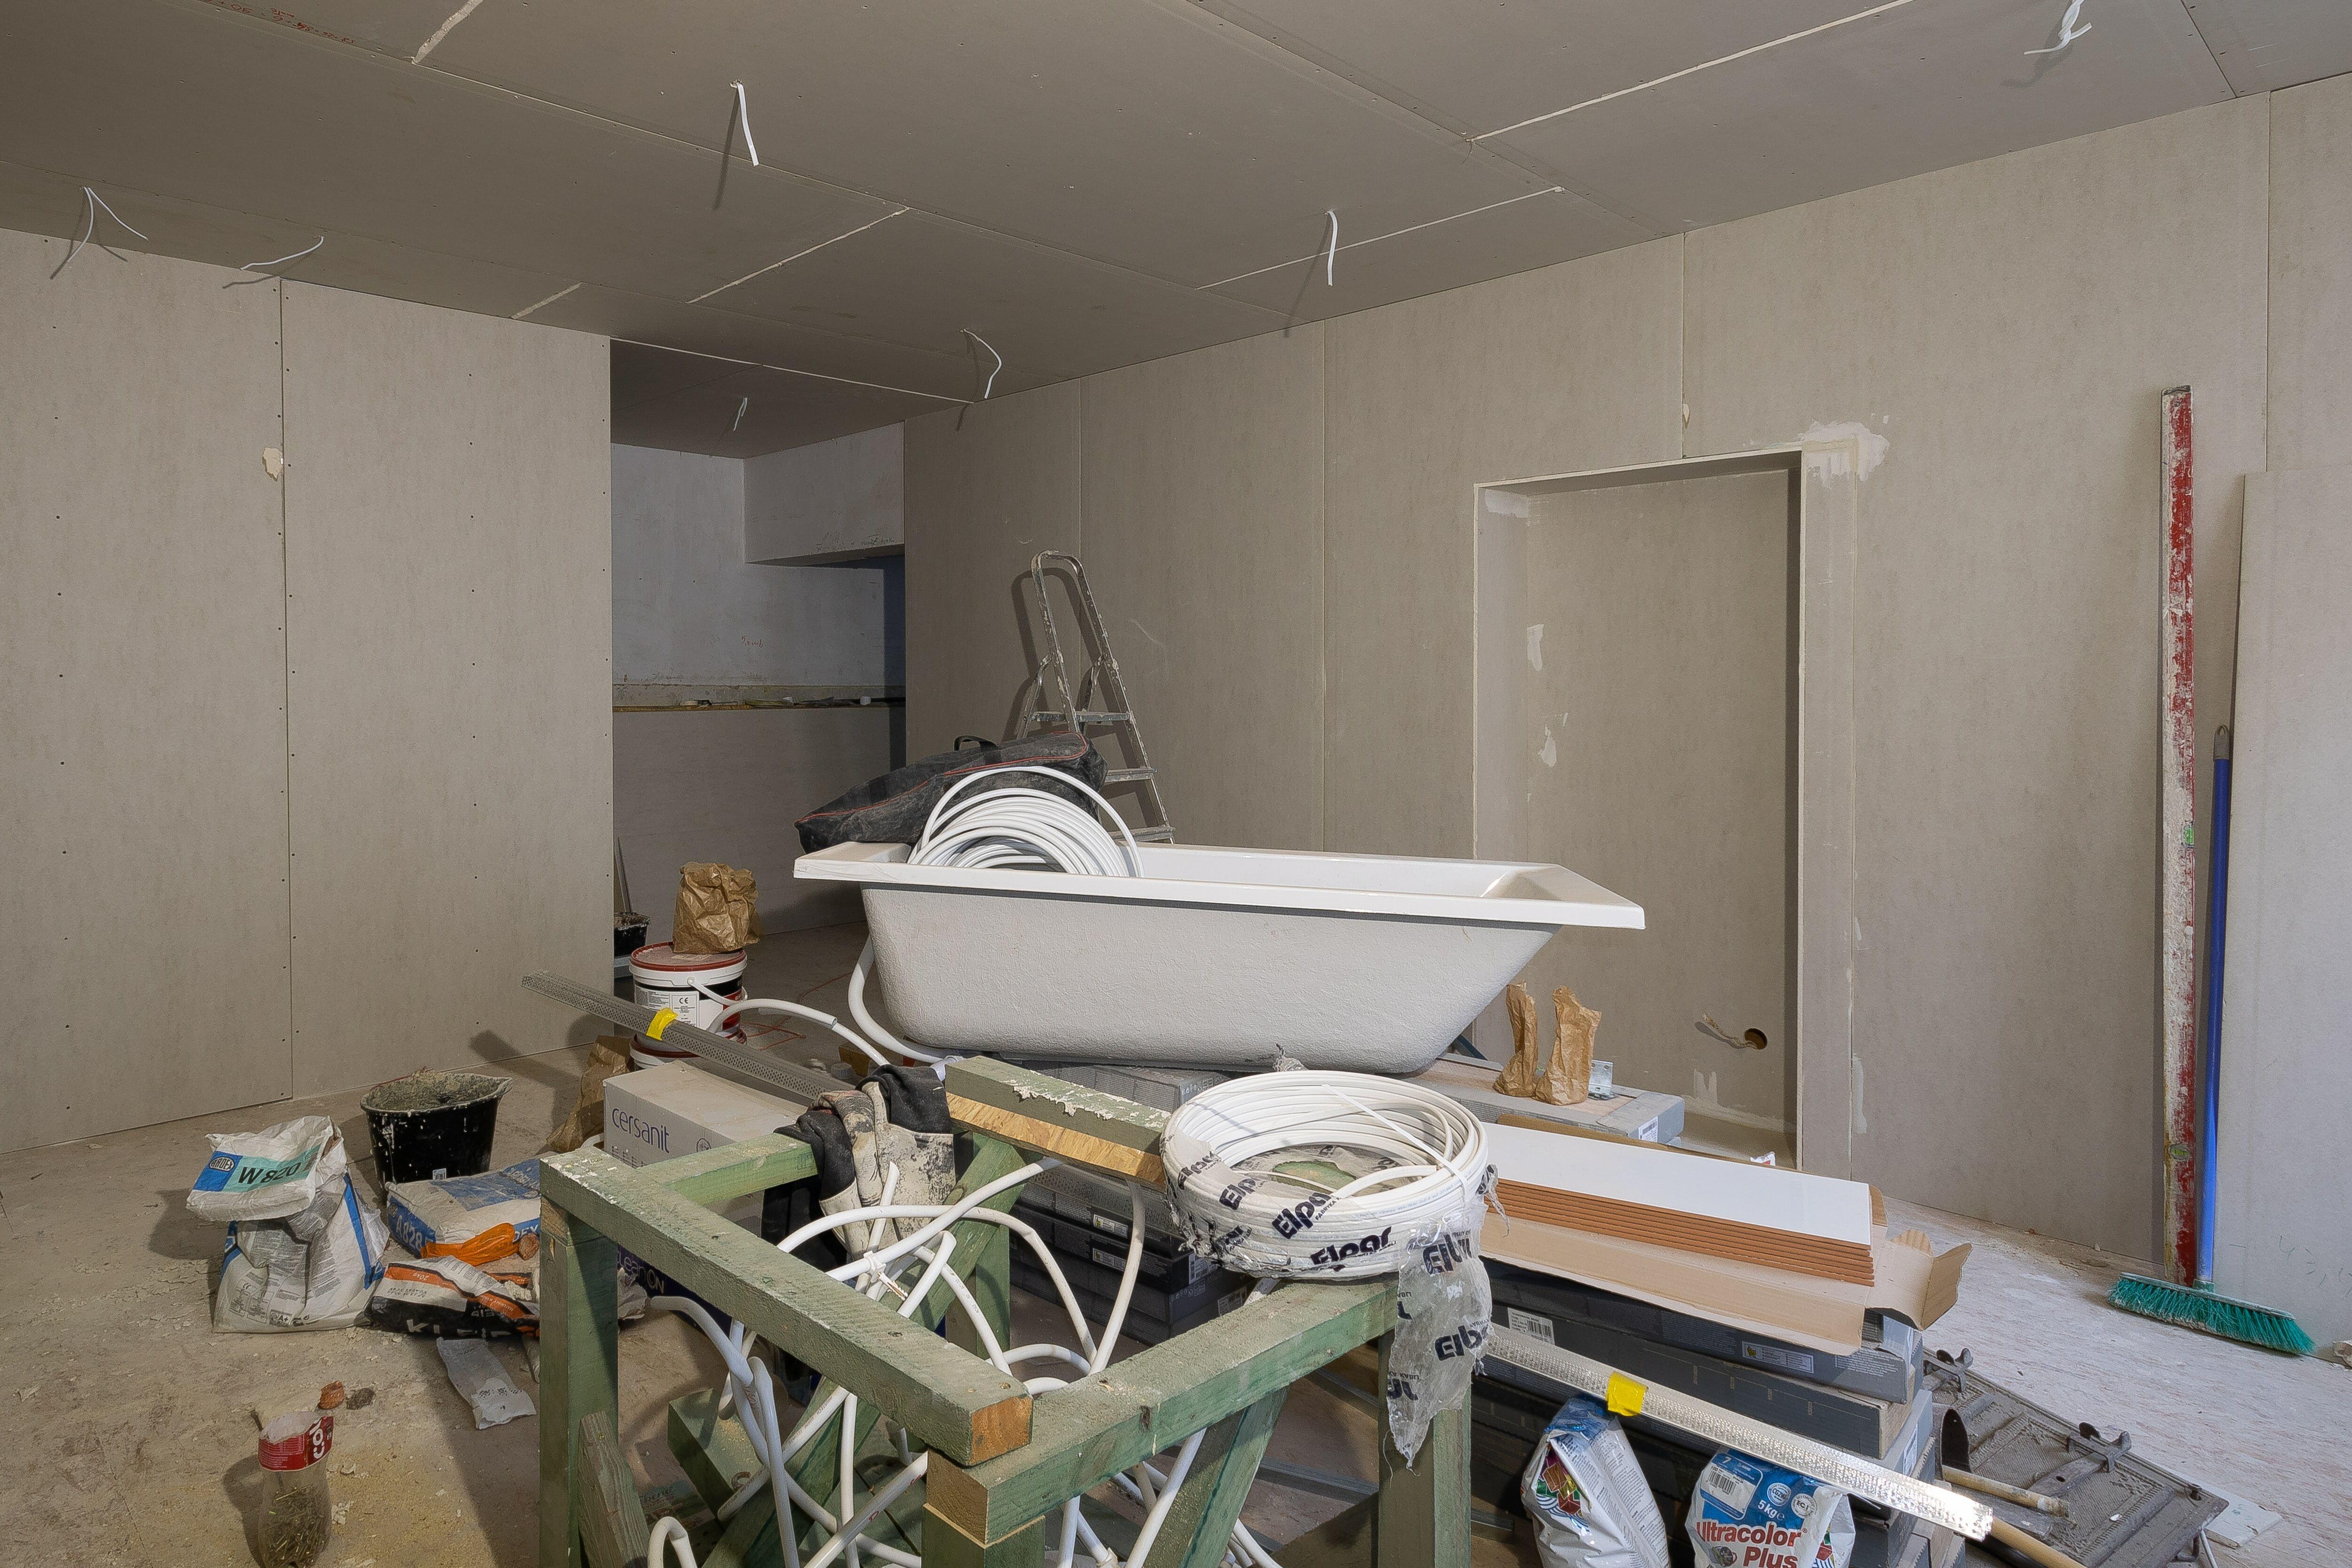 lakásfelújítás előtti tippek - kivitelezés